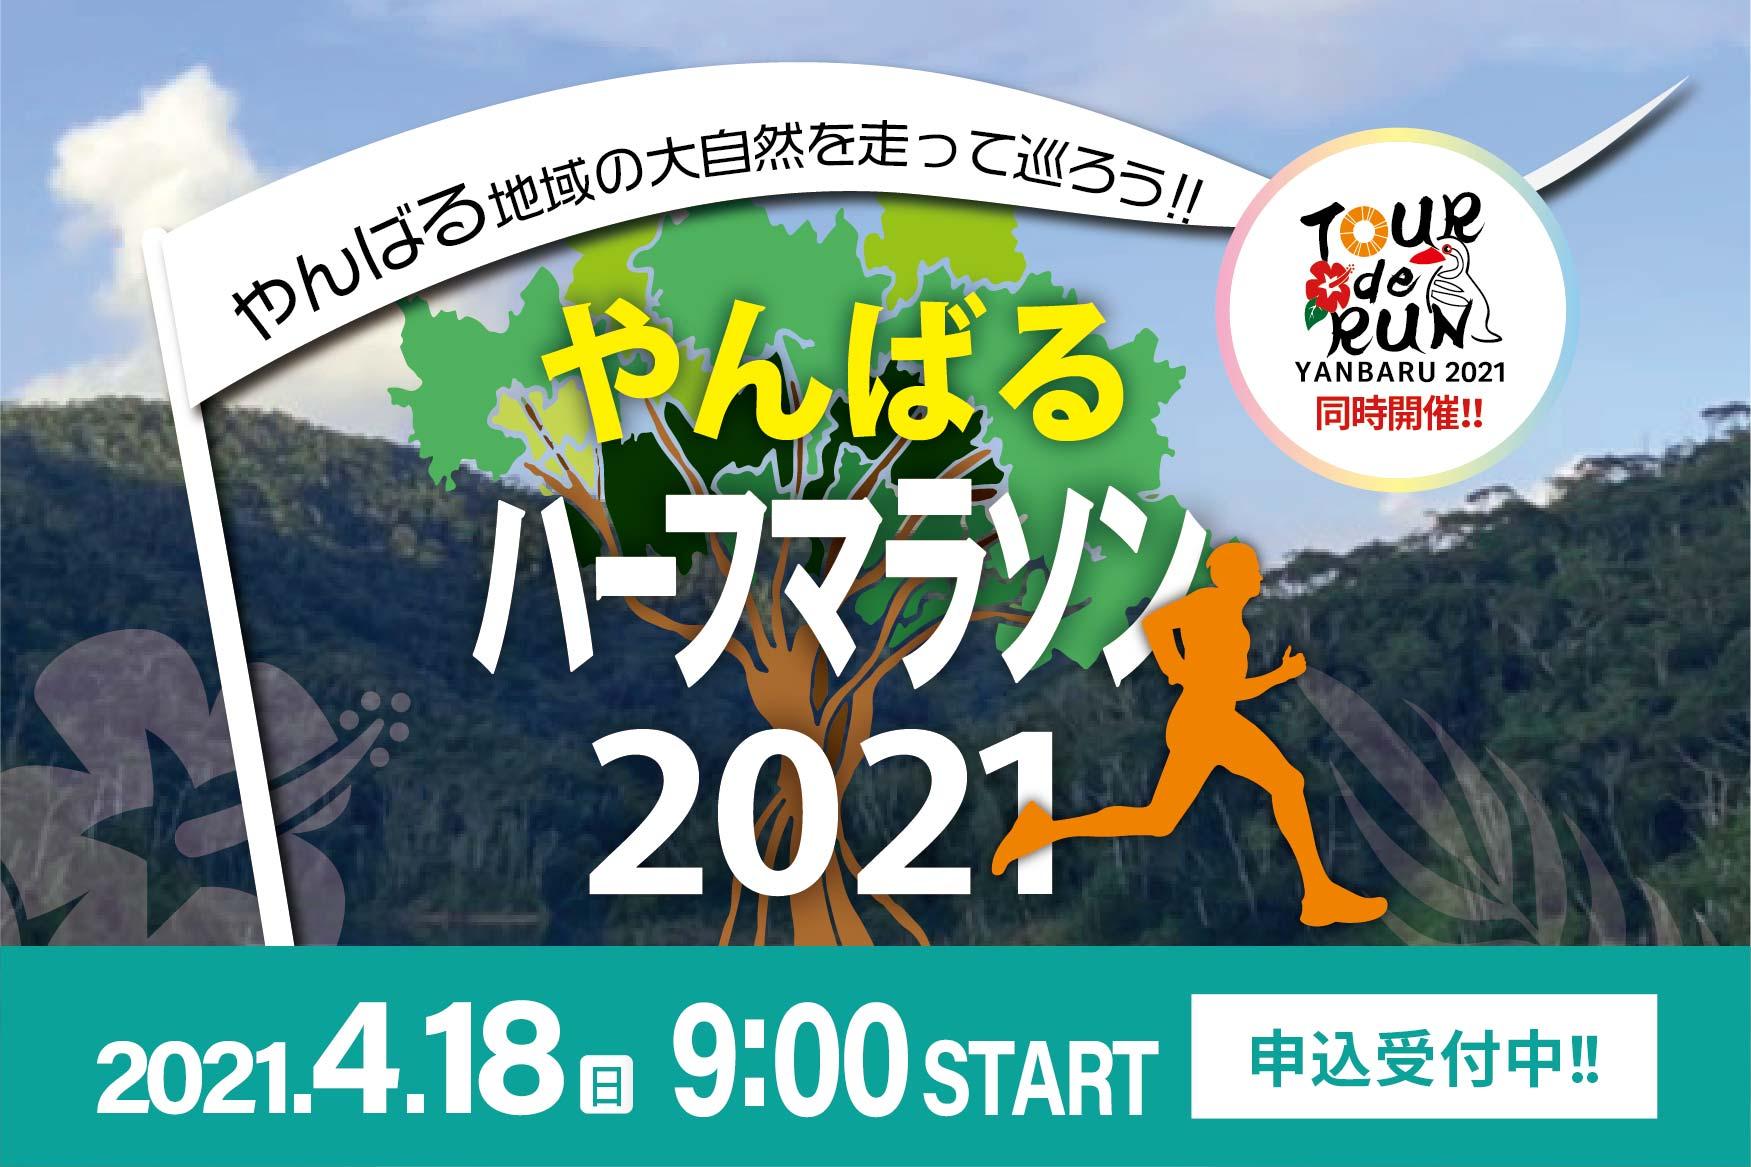 第1回 やんばるハーフマラソン2021